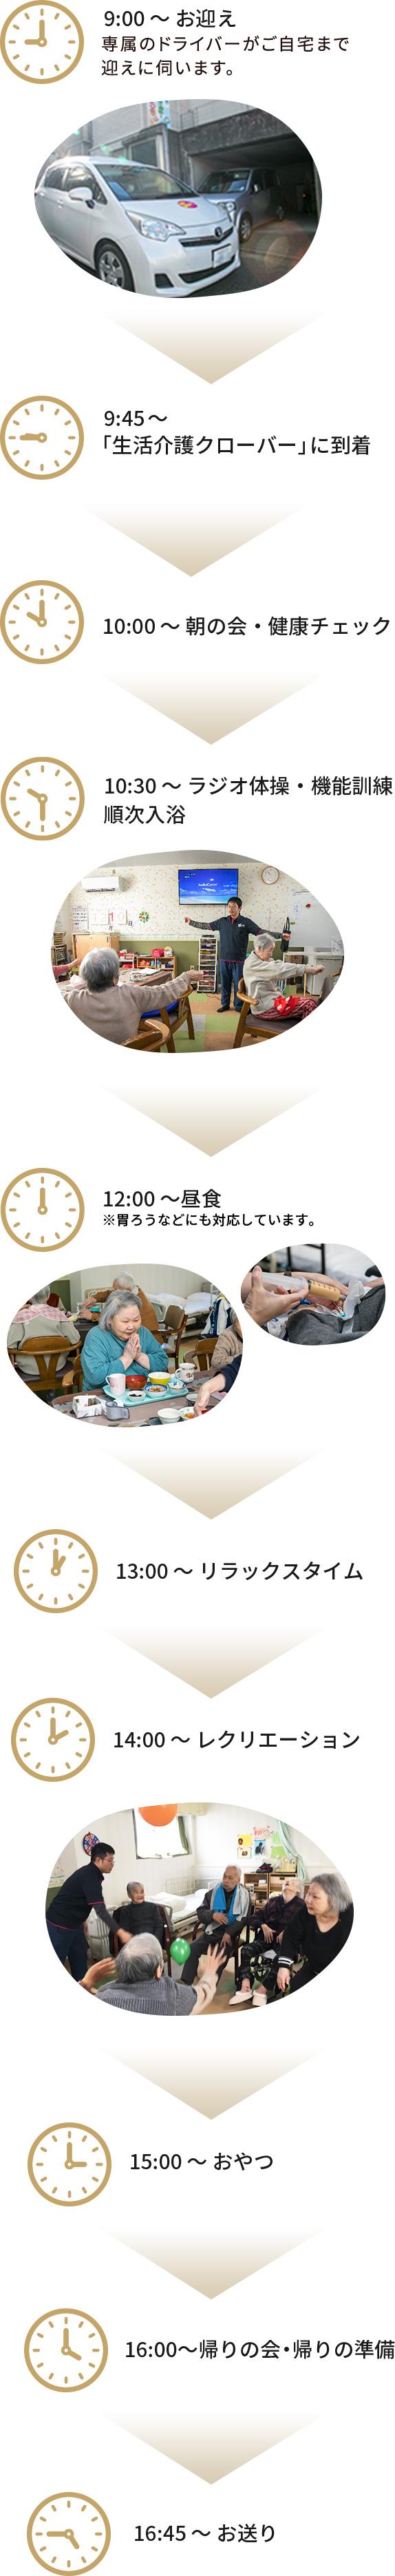 共生型生活介護事業「生活介護クローバー」1日の流れ